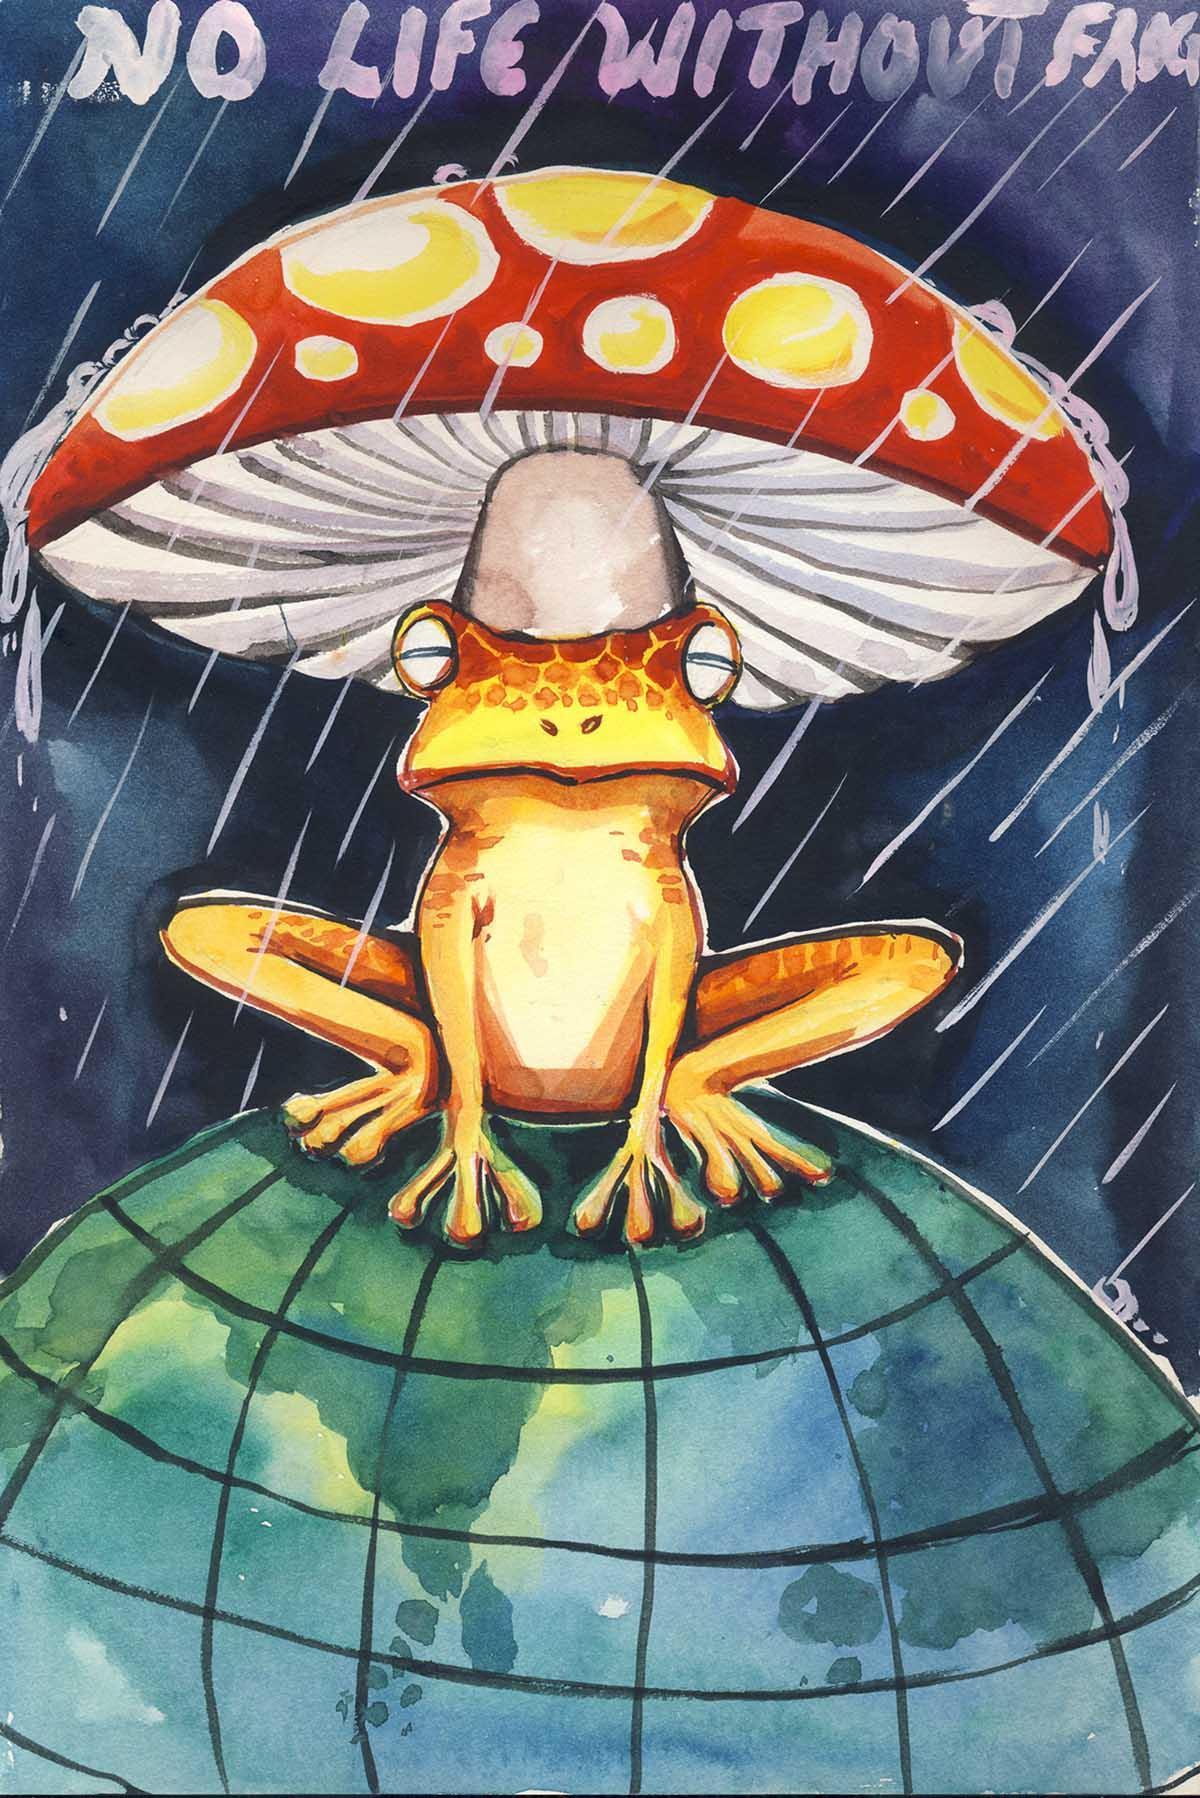 Sreehari-Ramdas-13-Mushroom-Frog-Art-1200